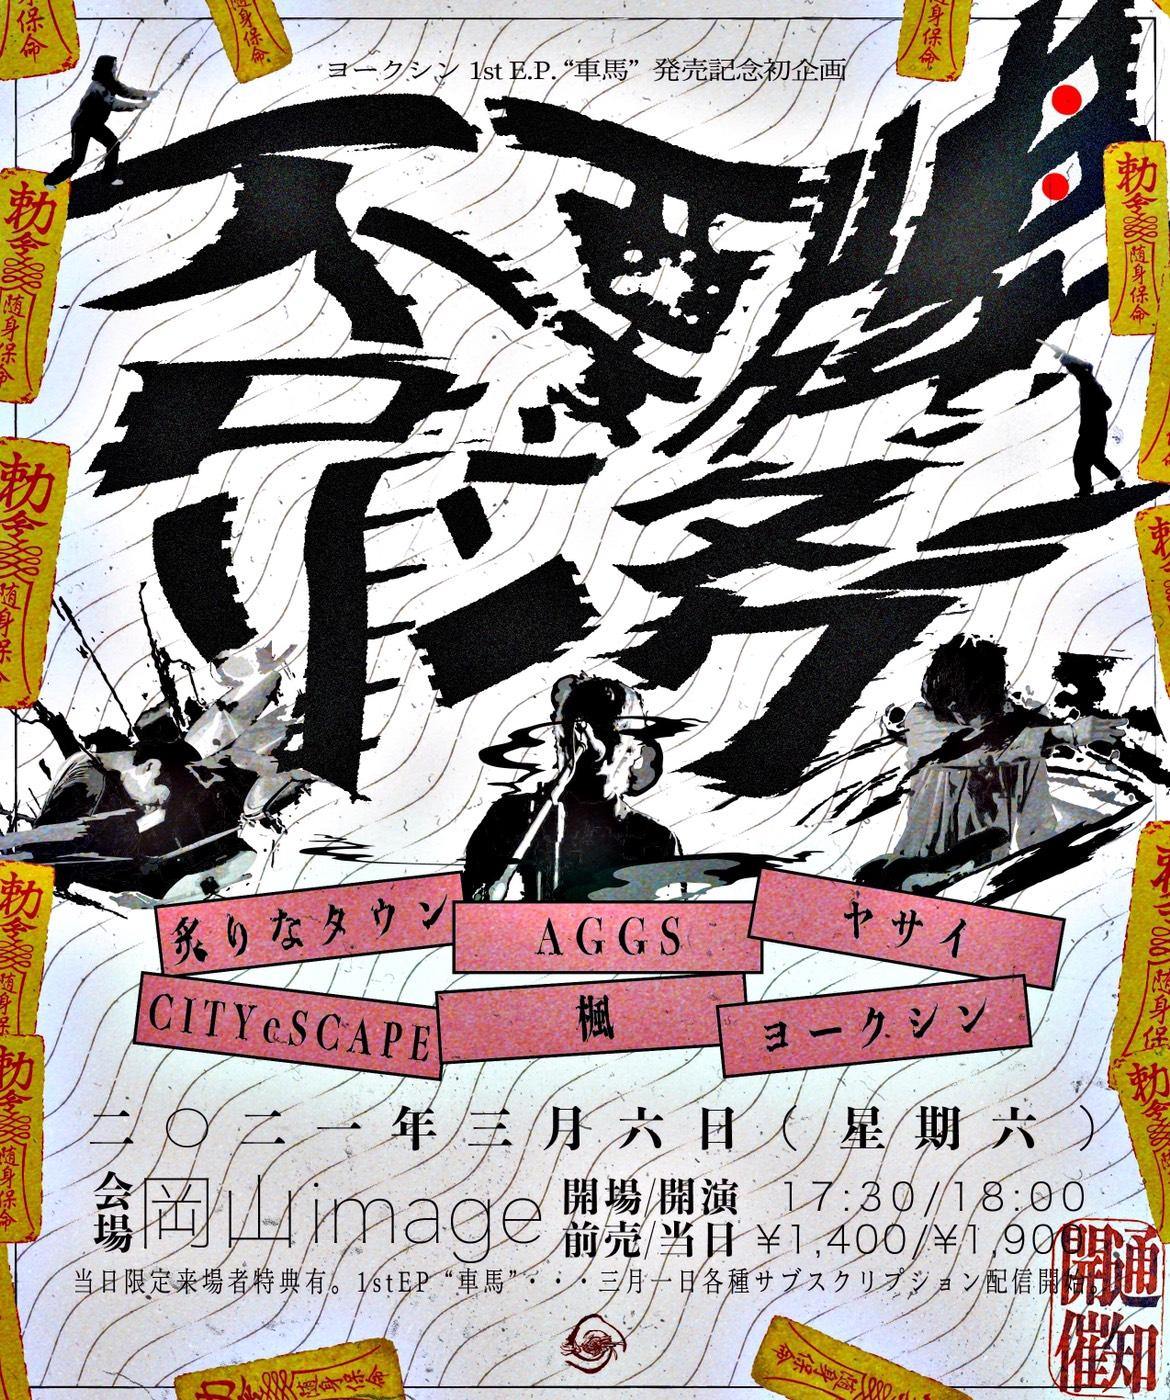 """ヨークシン1st E.P. """"車馬""""release event 不要牌ロンダリング"""